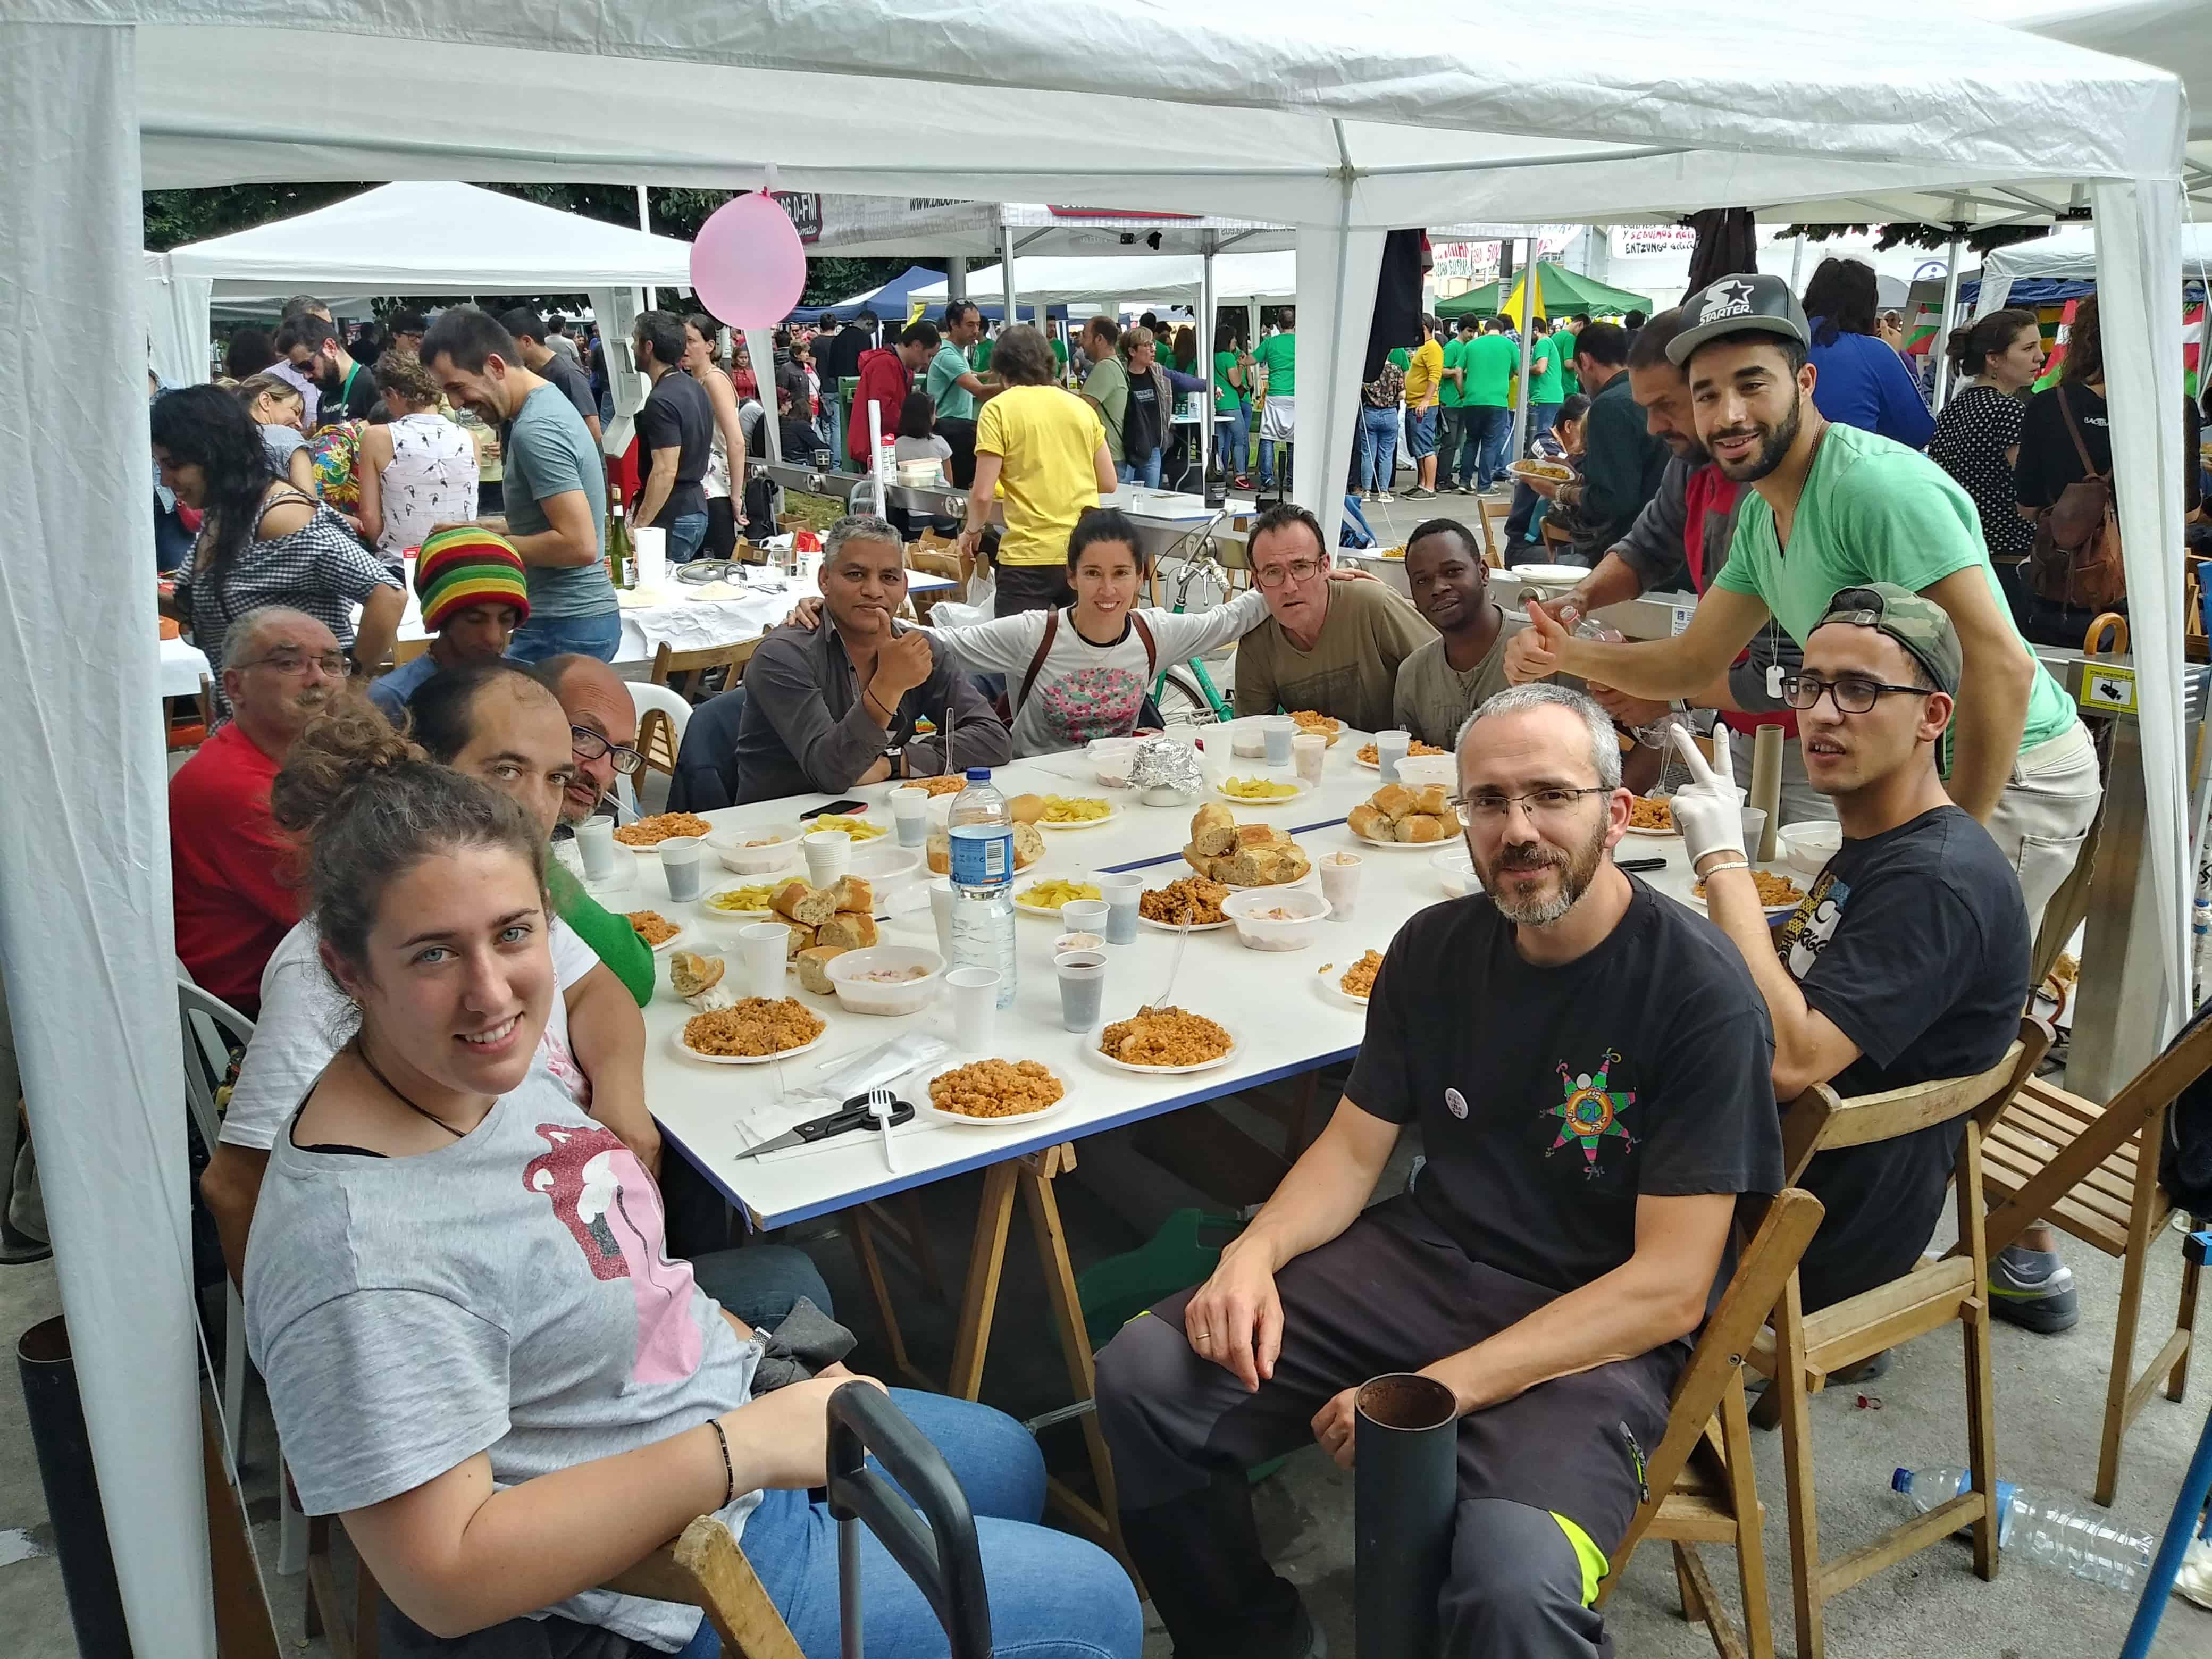 Radio Barrio: Arroces  del  Mundo,  camino  de  Santiago,  BBK  Live,  Mª  Dolores  Pradera  y  más